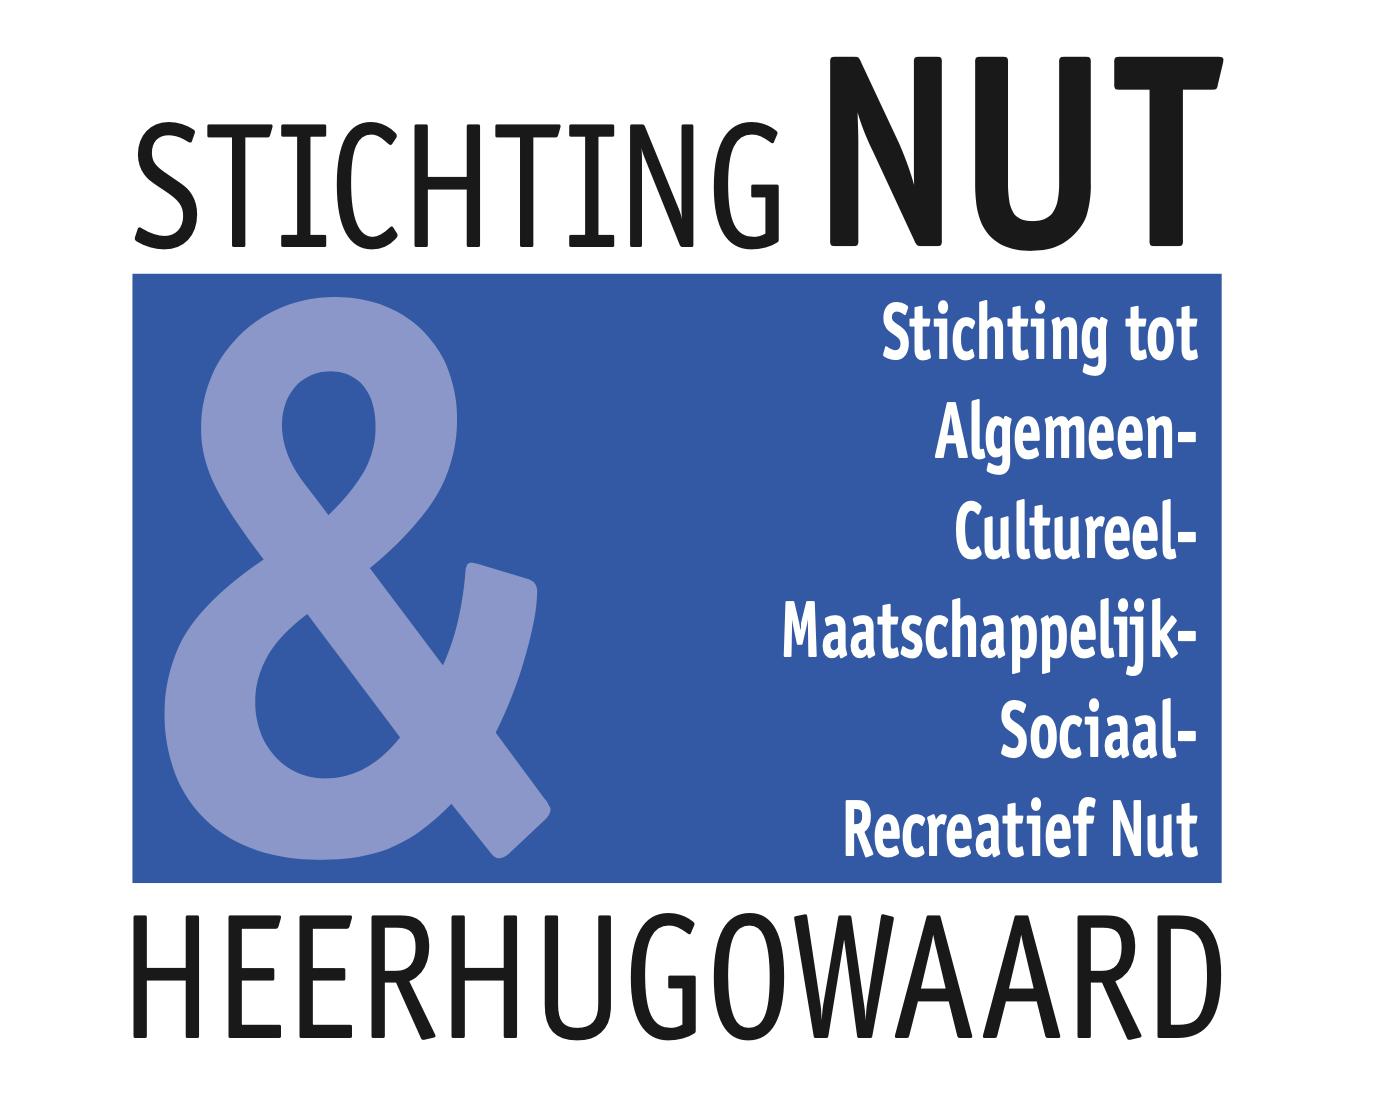 Stichting Nut Heerhugowaard